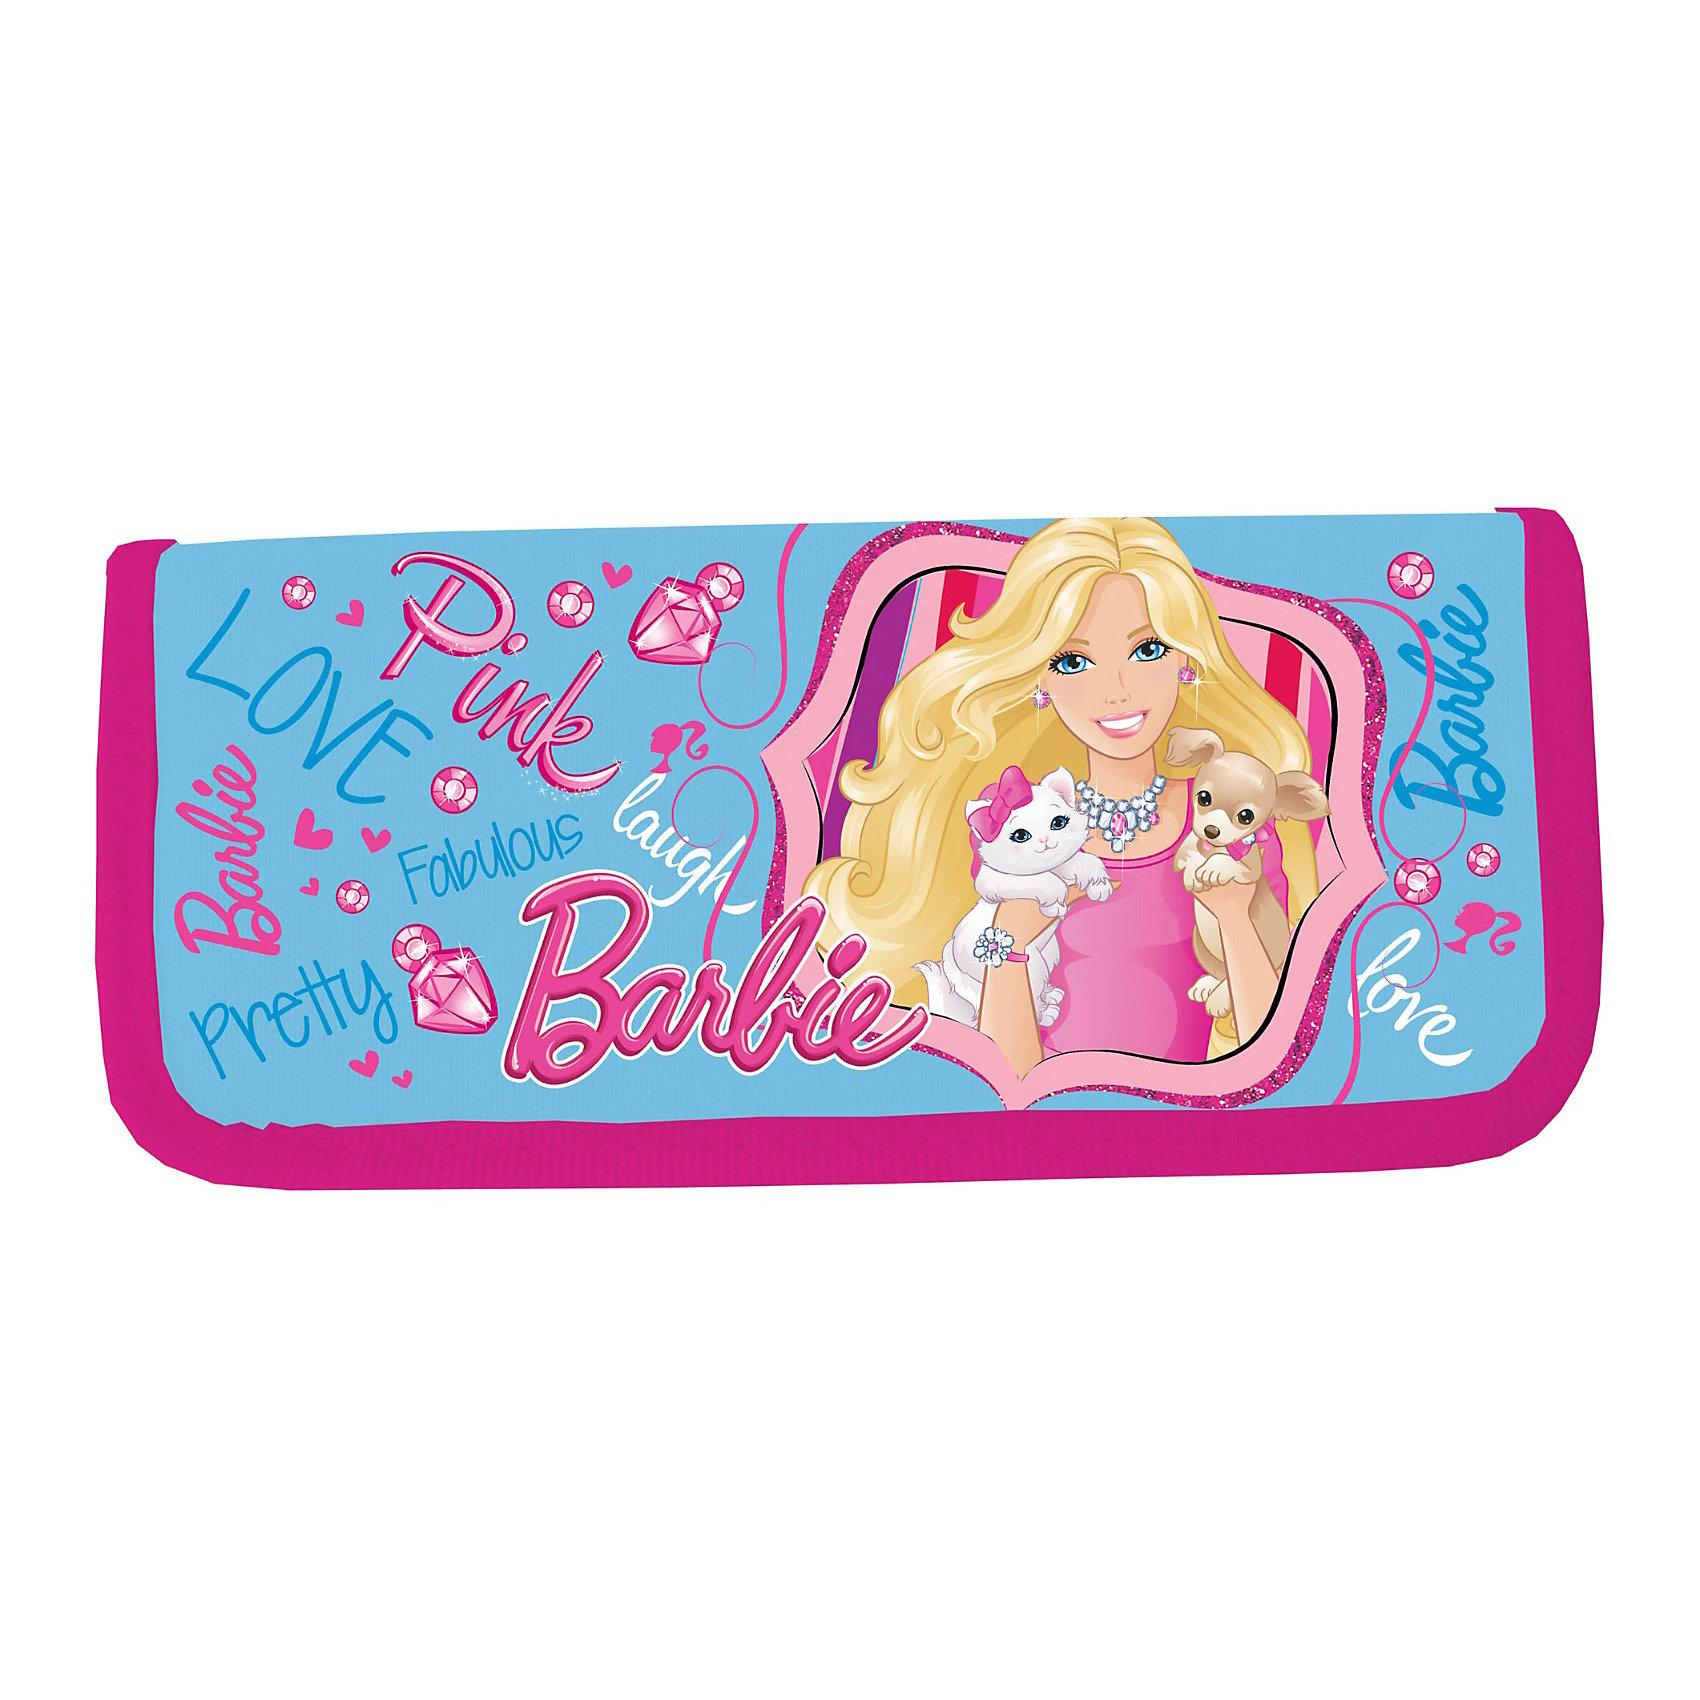 Пенал, BarbieBarbie<br>Пенал тканевый жесткий Барби (Barbie) станет стильным и практичным аксессуаром в рюкзаке маленькой школьницы. Голубой пенал прямоугольной формы оснащен креплениями для канцелярских принадлежностей, в нем поместятся все необходимые ручки, карандаши и фломастеры. Пенал украшен изображением куколки Барби со своей любимой собачкой.<br><br>Дополнительная информация:<br><br>- Размер: 20 х 9 х 3 см.<br>- Вес: 37 гр.<br><br>Пенал Barbie можно купить в нашем интернет-магазине.<br><br>Ширина мм: 200<br>Глубина мм: 90<br>Высота мм: 30<br>Вес г: 37<br>Возраст от месяцев: 96<br>Возраст до месяцев: 108<br>Пол: Женский<br>Возраст: Детский<br>SKU: 3563131